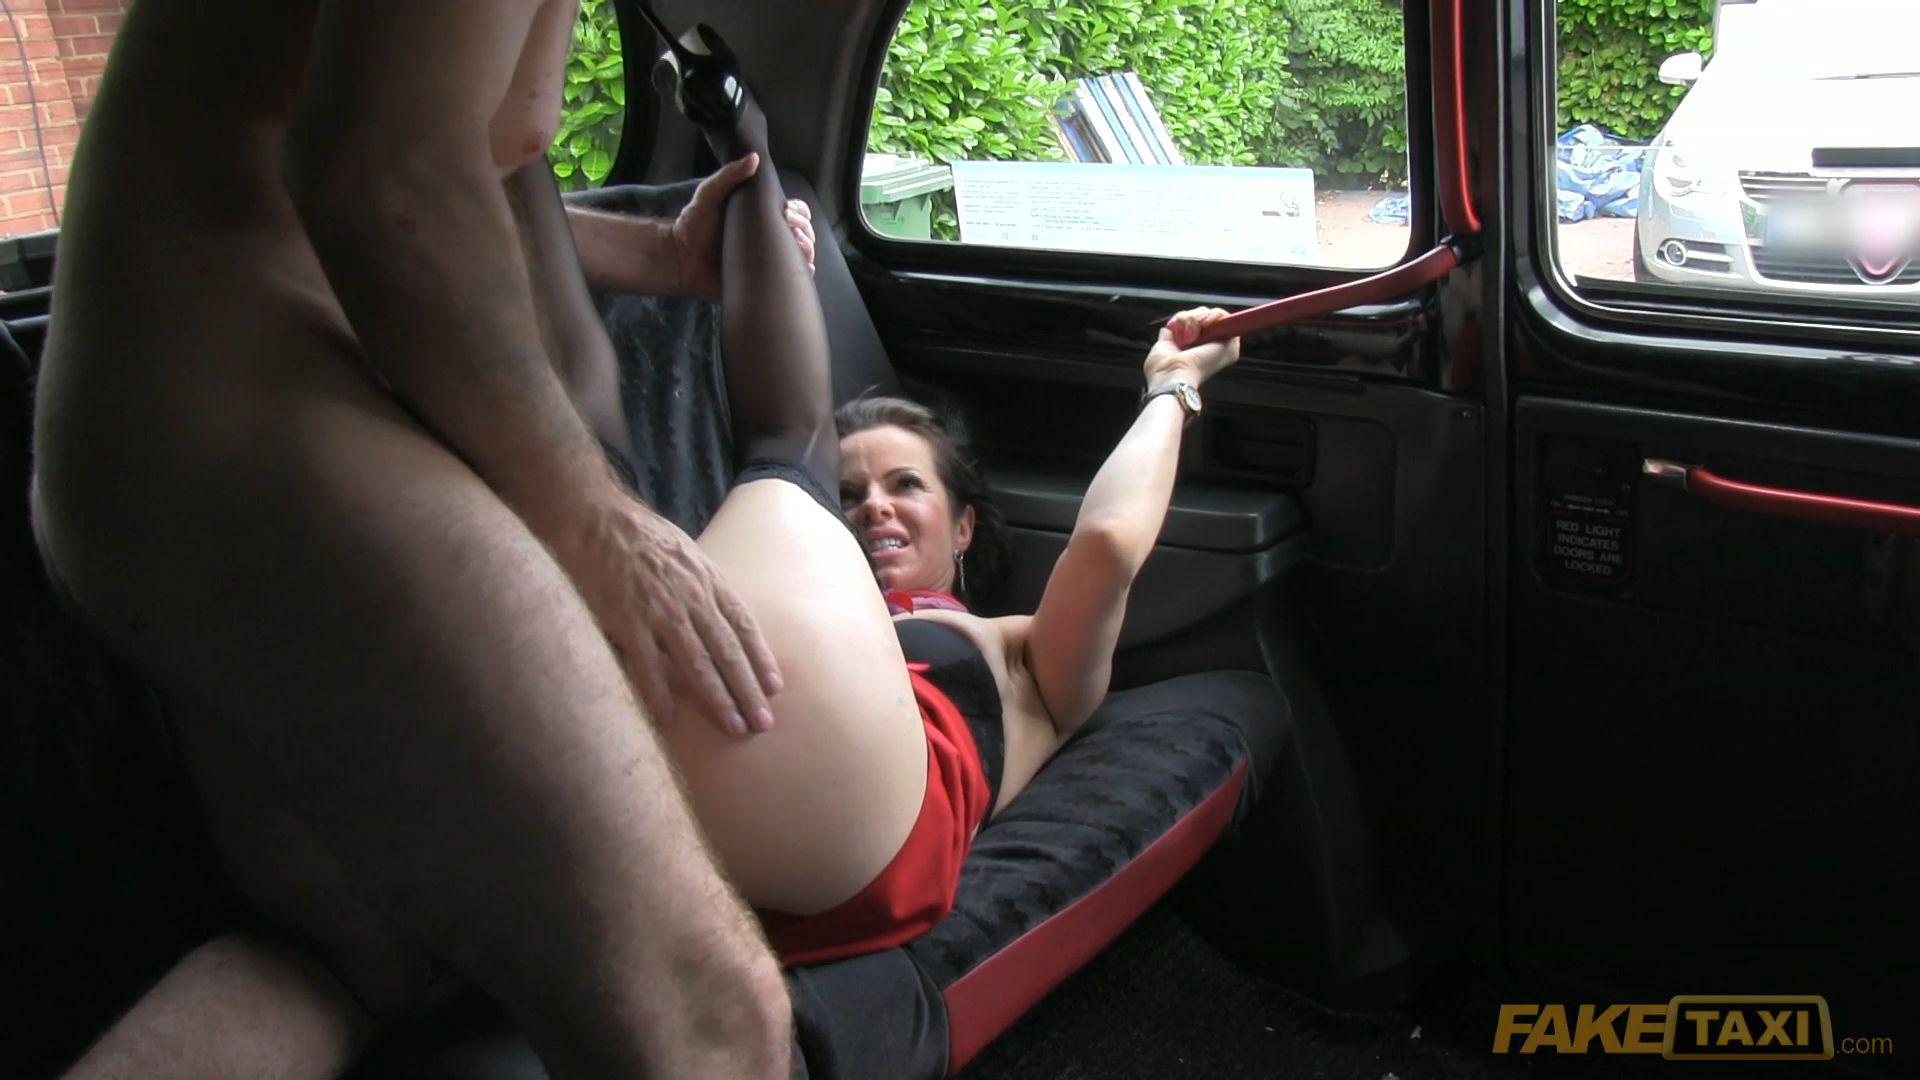 Высоченной смотреть секс с таксистом порно леди боссом